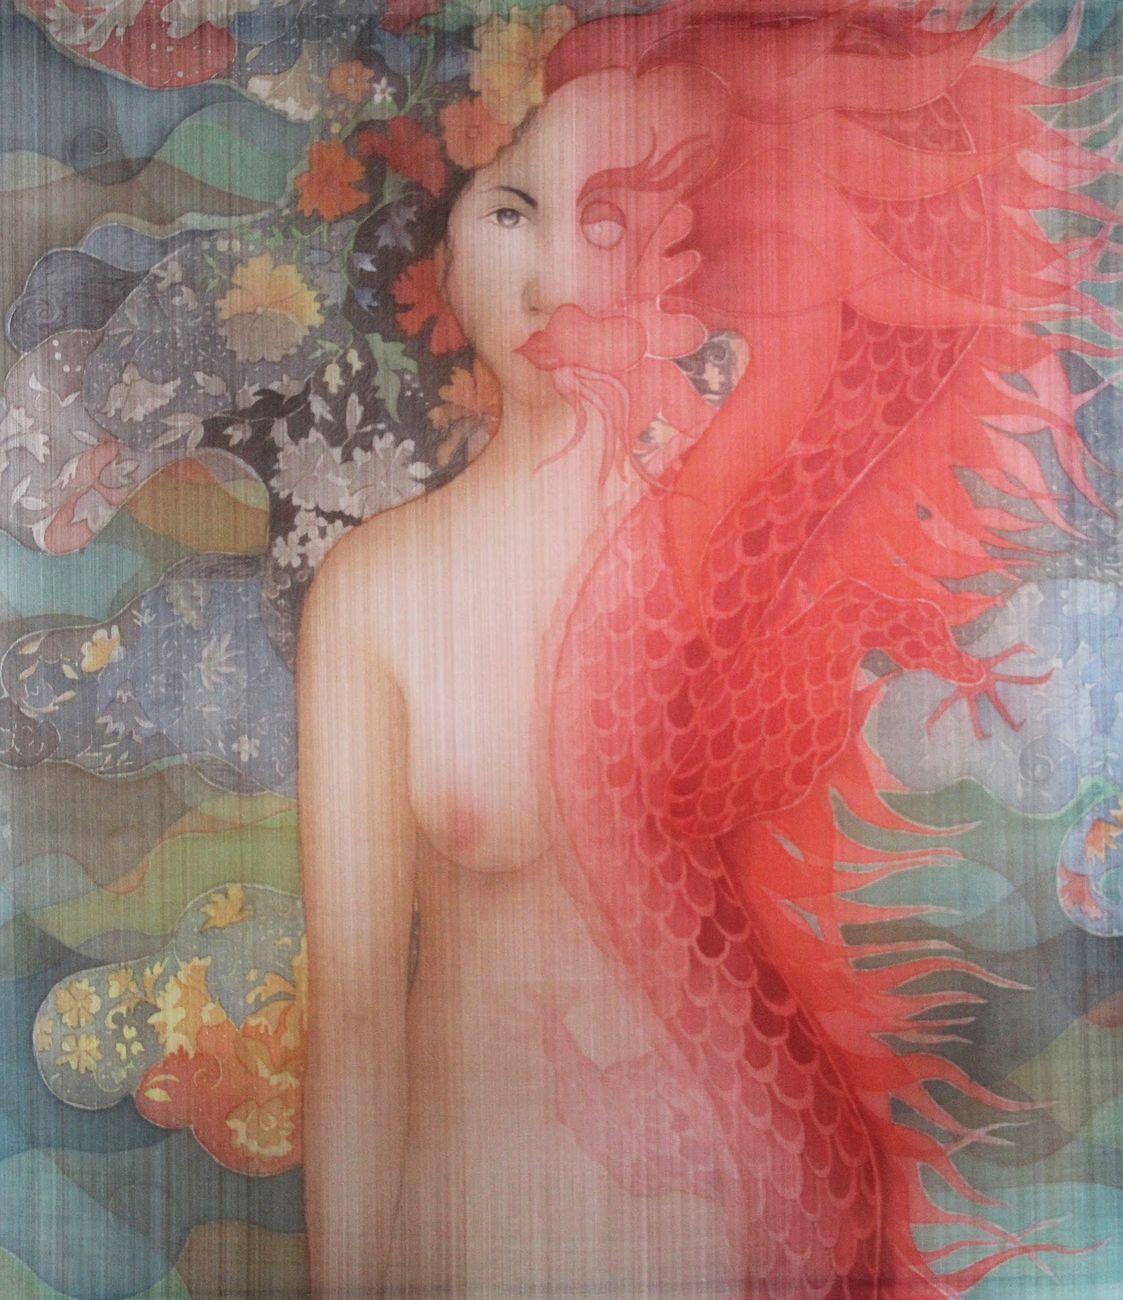 Nguyen Thi Chau Giang, Becoming Dragon, 2018. Courtesy Vin Gallery, Ho Chi Minh City Penang